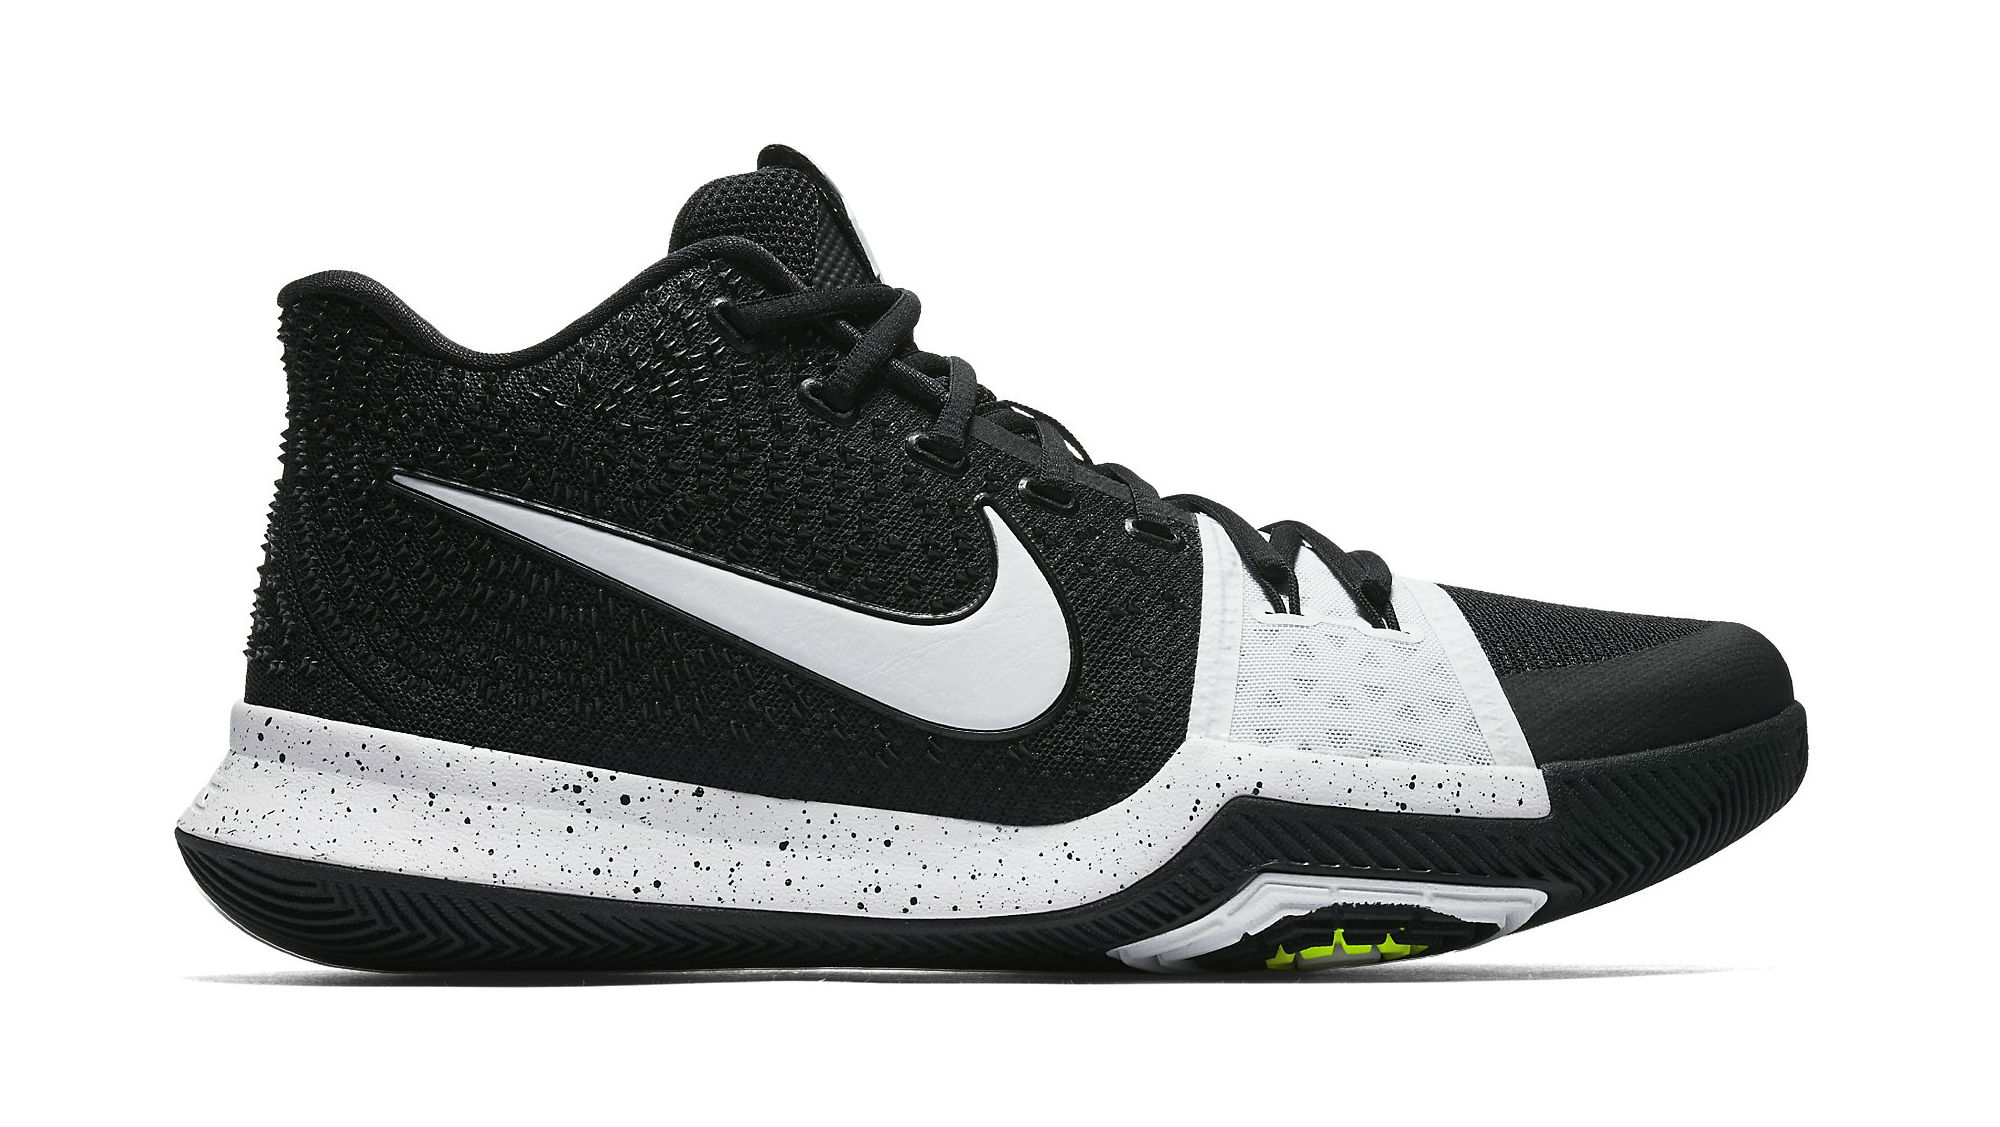 Nike Kyrie 3 Black/White